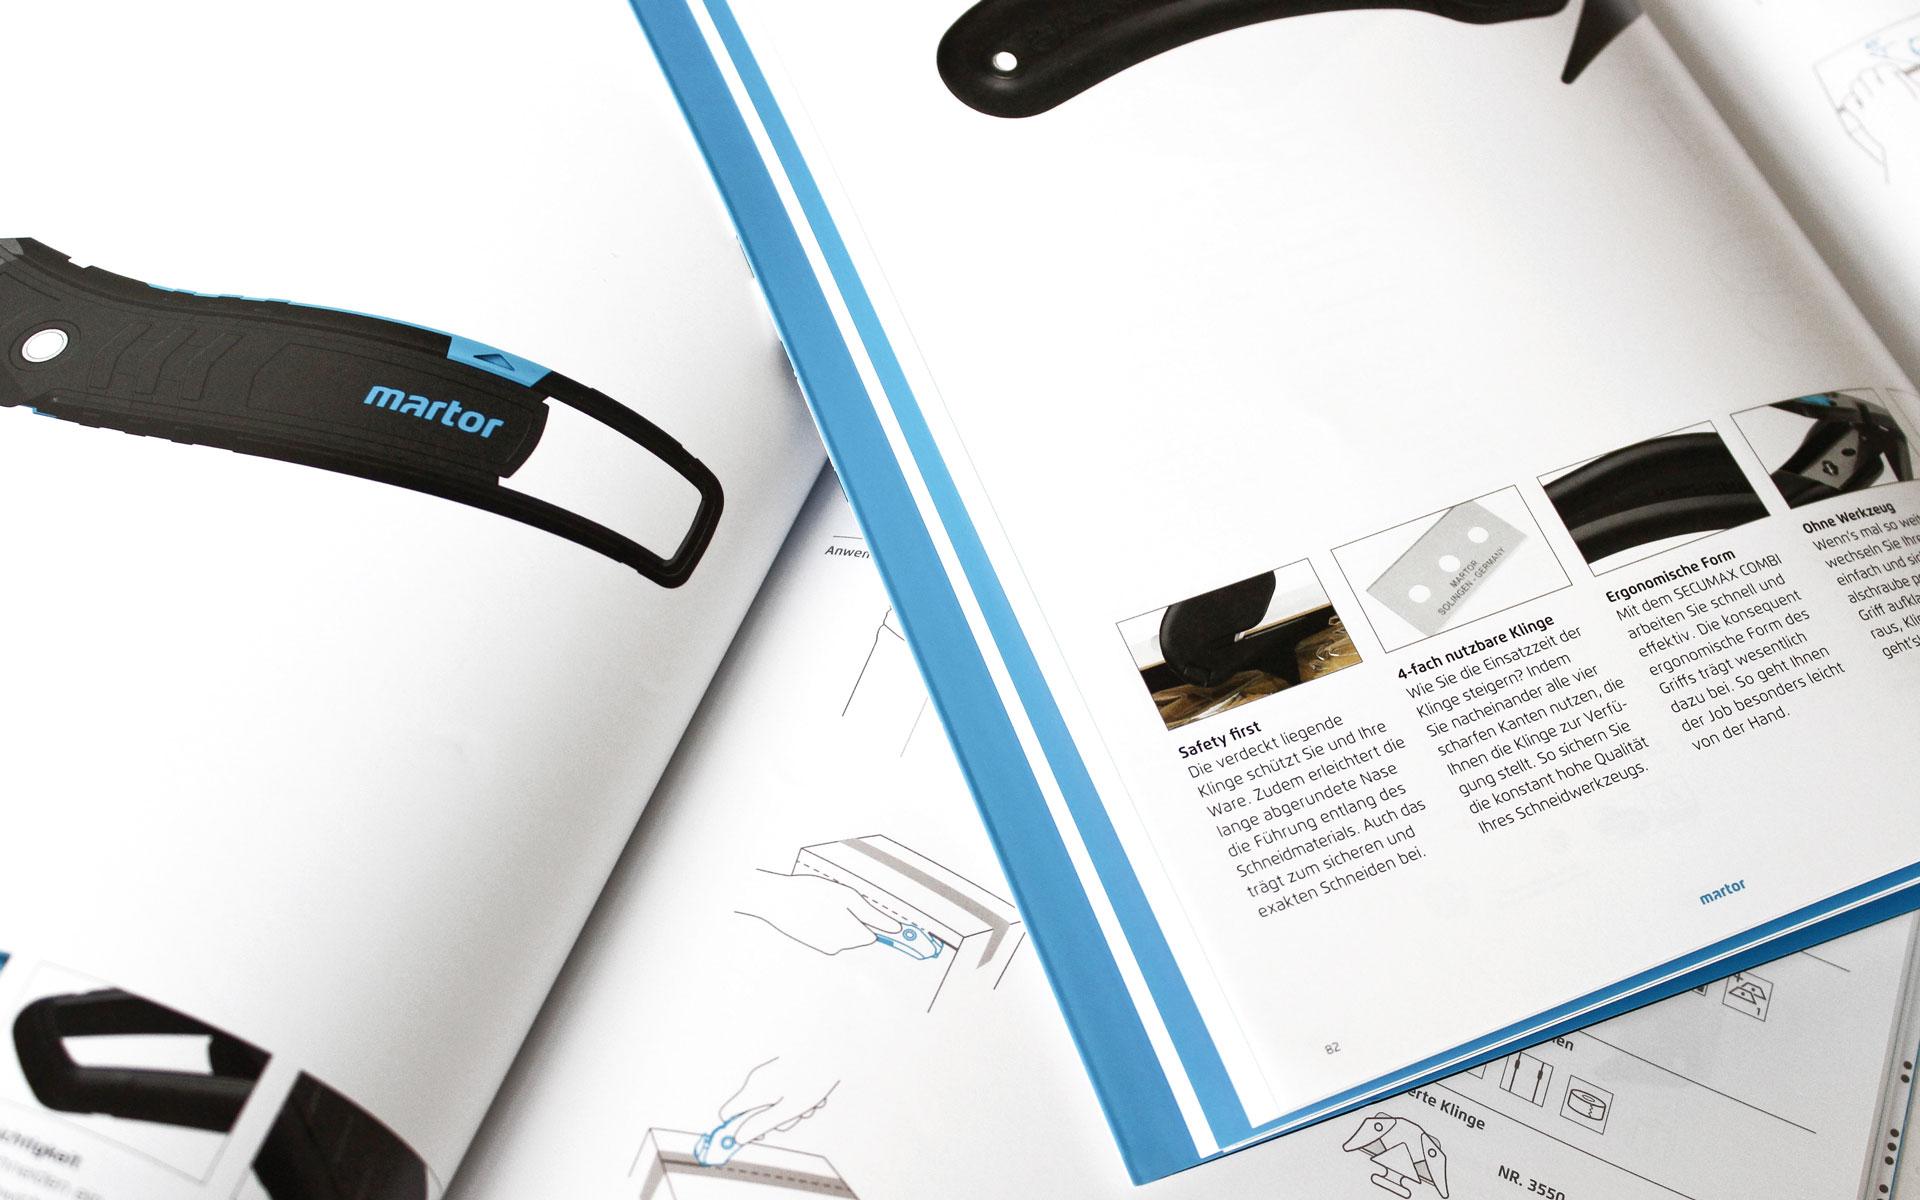 MARTOR Broschürenkonzept, Sicherheitsmesser Katalog, Produktseite Detail